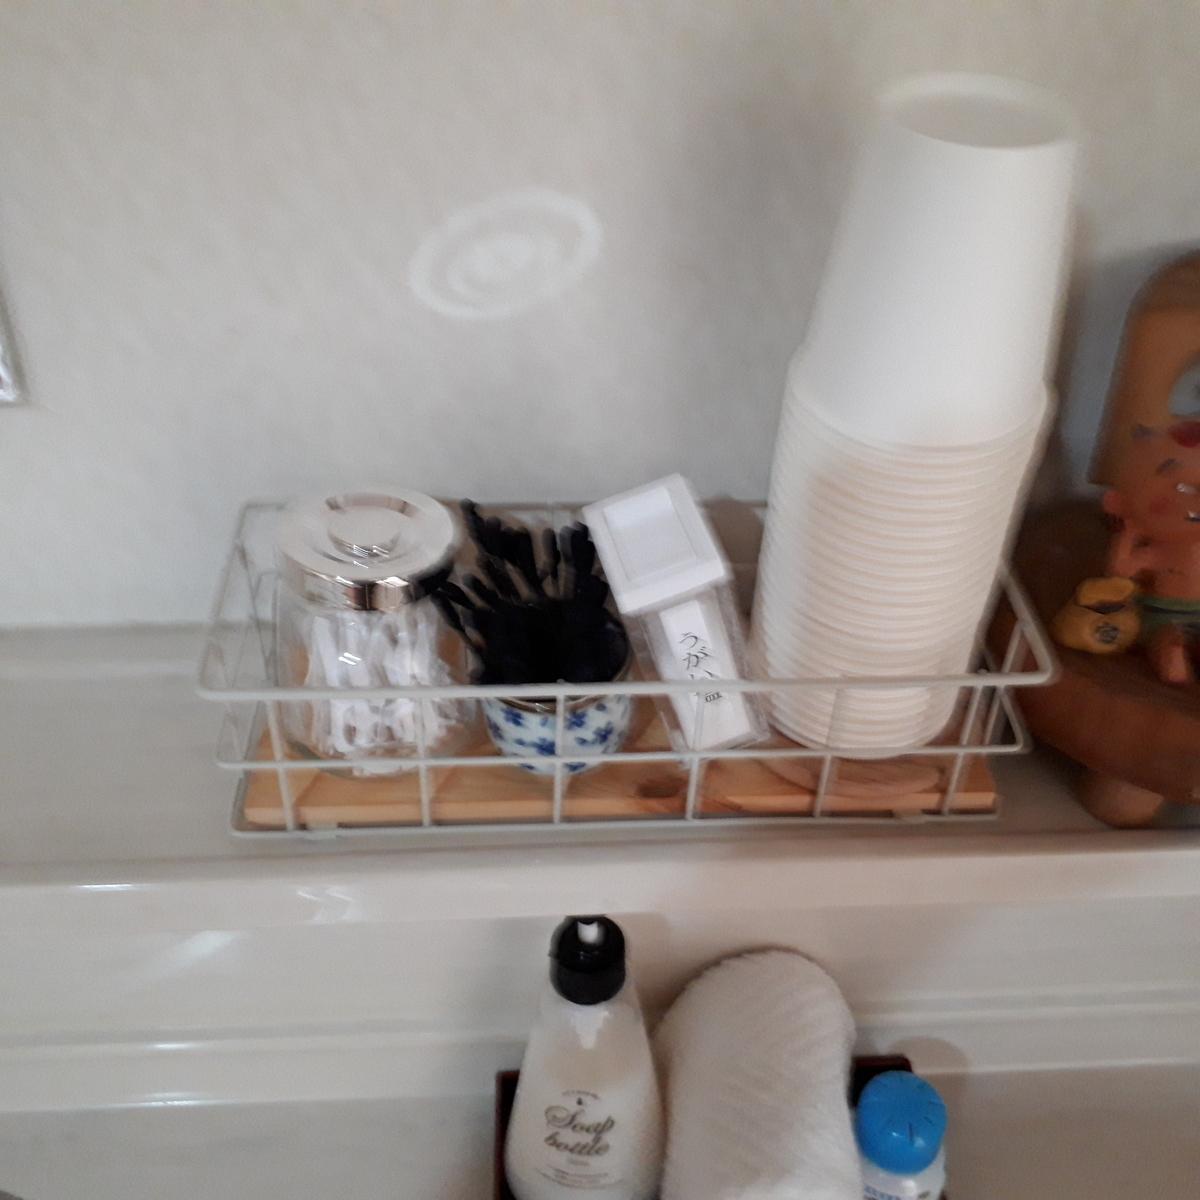 指宿 民宿たかよし 洗面台のアメニティ